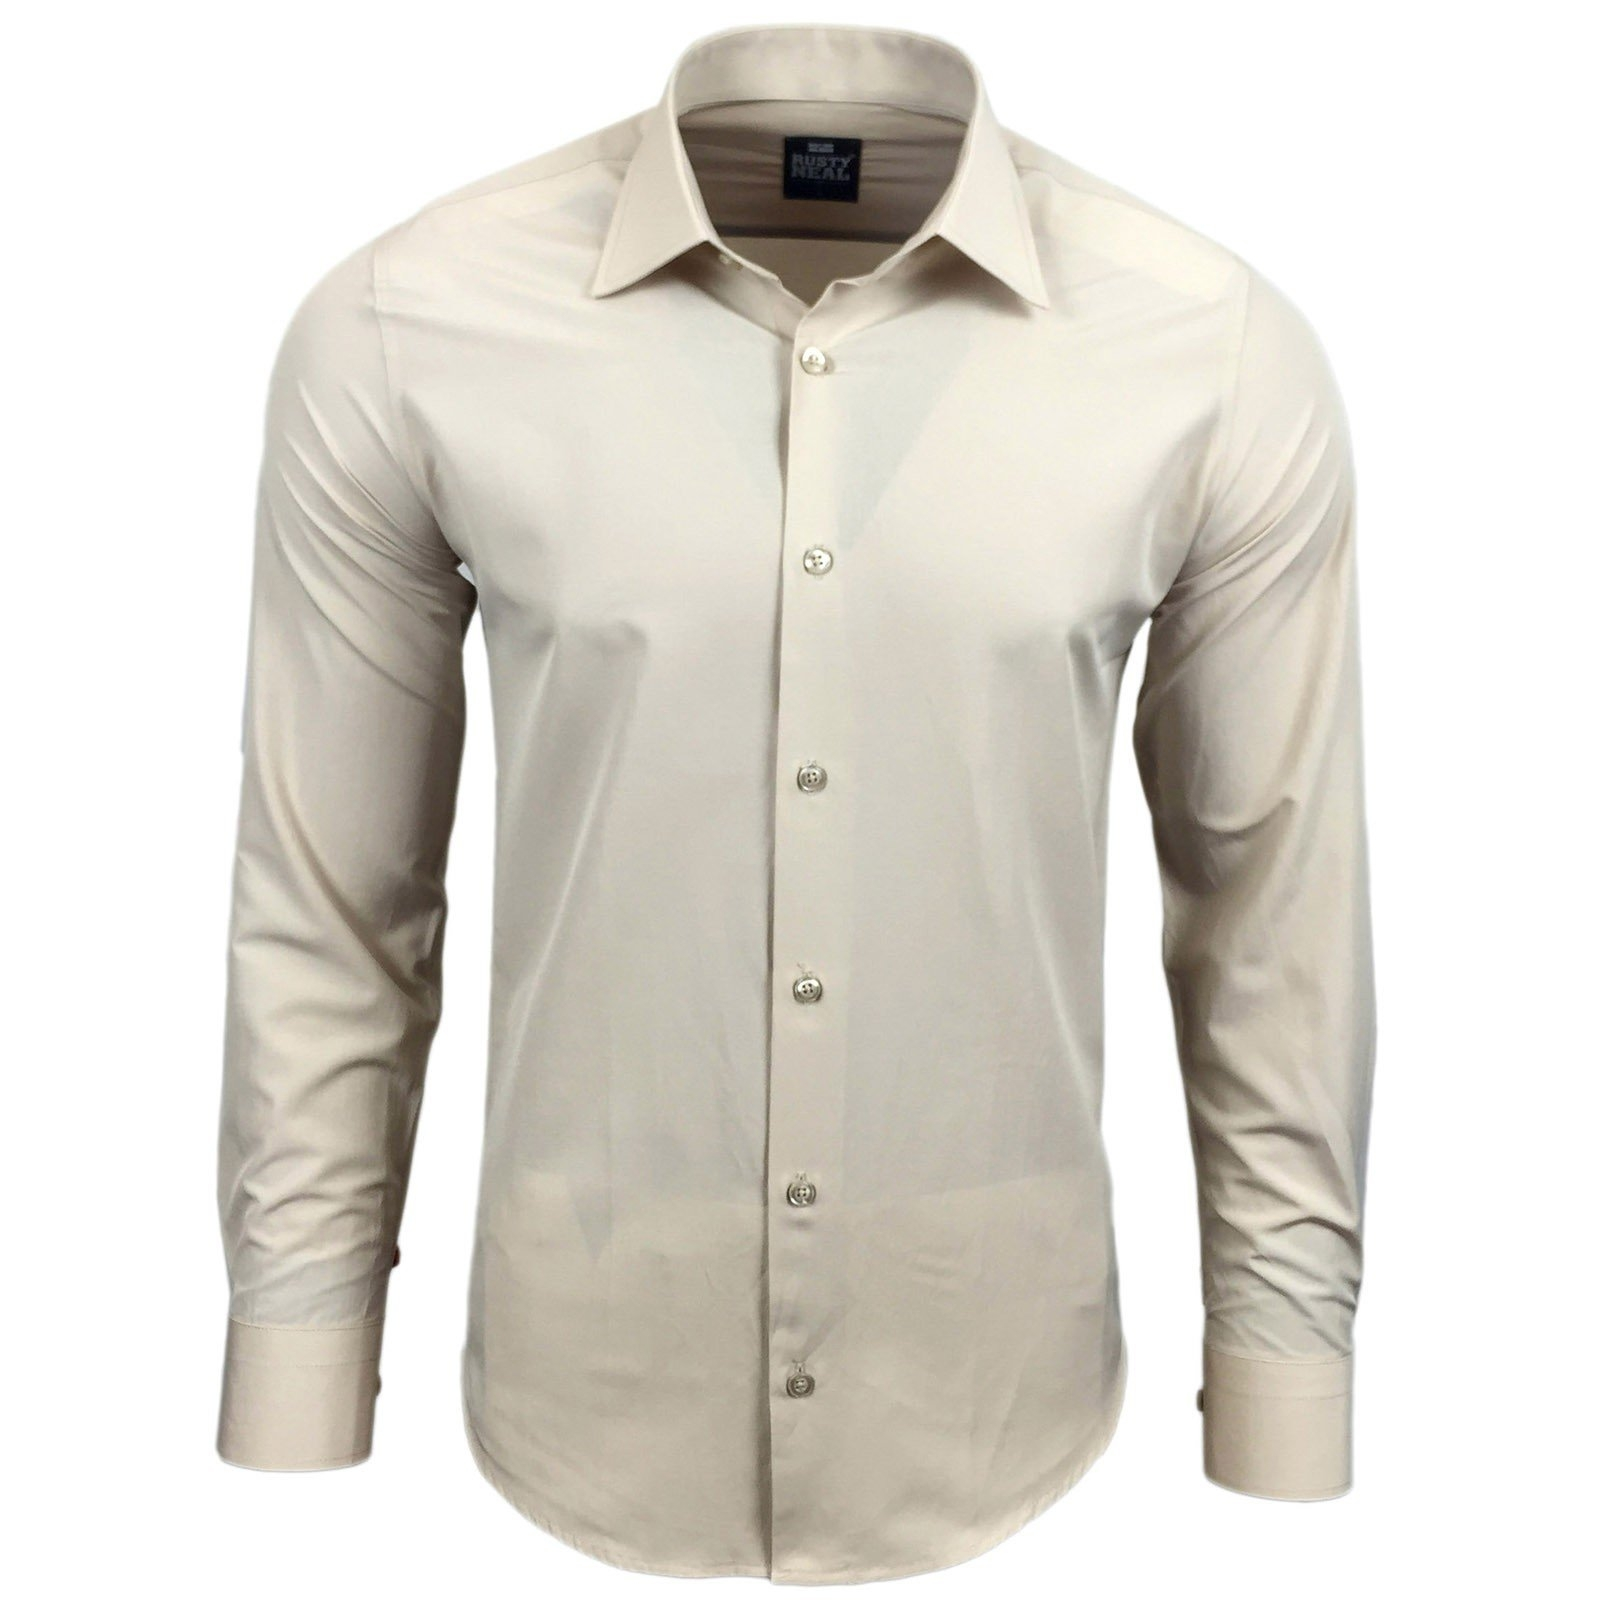 Maat 44 Overhemd.Overhemden Online Kopen Grote Collectie Otto